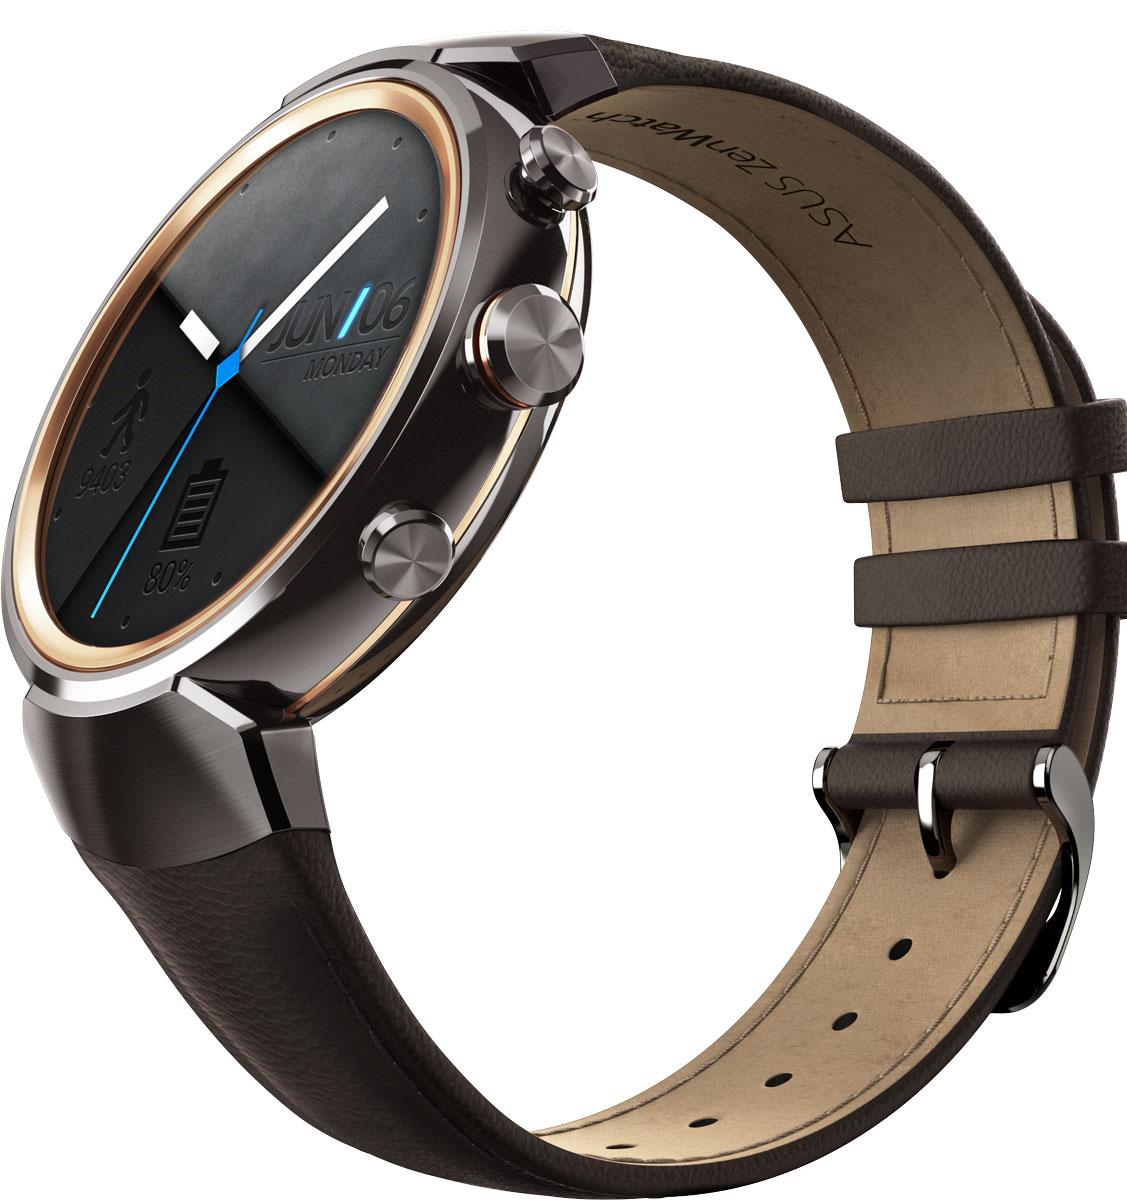 ASUS ZenWatch 3 WI503Q, Brown смарт-часыWI503Q-1LDBR0008ASUS ZenWatch 3 – это современное цифровое устройство, выполненное в соответствии с давними традициями часового искусства из высококачественных материалов и с вниманием к каждой детали. Эти часы умеют делать гораздо больше, чем просто показывать время, а благодаря широким возможностям по персонализации их интерфейса вы легко можете настроить их по своему вкусу. Длительное время автономной работы и технология быстрой подзарядки аккумулятора делают ASUS ZenWatch 3 по-настоящему мобильным устройством, которое всегда будет готово к работе.Своим внешним видом ASUS ZenWatch 3 ближе к традиционным часам, чем к современным цифровым гаджетам. Их стильный дизайн вдохновлен образом солнечного затмения, а широчайшая функциональность реализована с безупречным мастерством.Корпус часов ZenWatch 3 изготовлен из ювелирной нержавеющей стали марки 316L, которая наделяет их не только превосходным внешним видом, но и долговечностью, ведь ее прочность на 82% выше по сравнению с обычной сталью. Высокий статус устройства подчеркивает тонкая отделка оправы.В облике нового устройства ASUS можно отметить необычные для умных часов элементы, а именно три боковых кнопки. Верхняя кнопка является программируемой. Она предоставляет доступ к любимому приложению или функции. Средняя кнопка переключает часы в различные режимы работы, а нижняя моментально активирует специальный энергосберегающий режим.Ремешок часов ZenWatch 3 изготавливается из натуральной кожи, обработанной по традиционной итальянской технологии. Он придает устройству великолепный внешний вид и обеспечивает максимальный комфорт при ношении.Три визуальных темы и более 50 эксклюзивных вариантов циферблата, с которыми поставляются часы ZenWatch 3, позволяют легко настроить их внешний вид по своему вкусу.Часы ZenWatch 3 помогают структурировать различную информацию – сообщения от друзей, напоминания о запланированных встречах, прогноз погоды и многое другое – и выдают ее в нужный мом